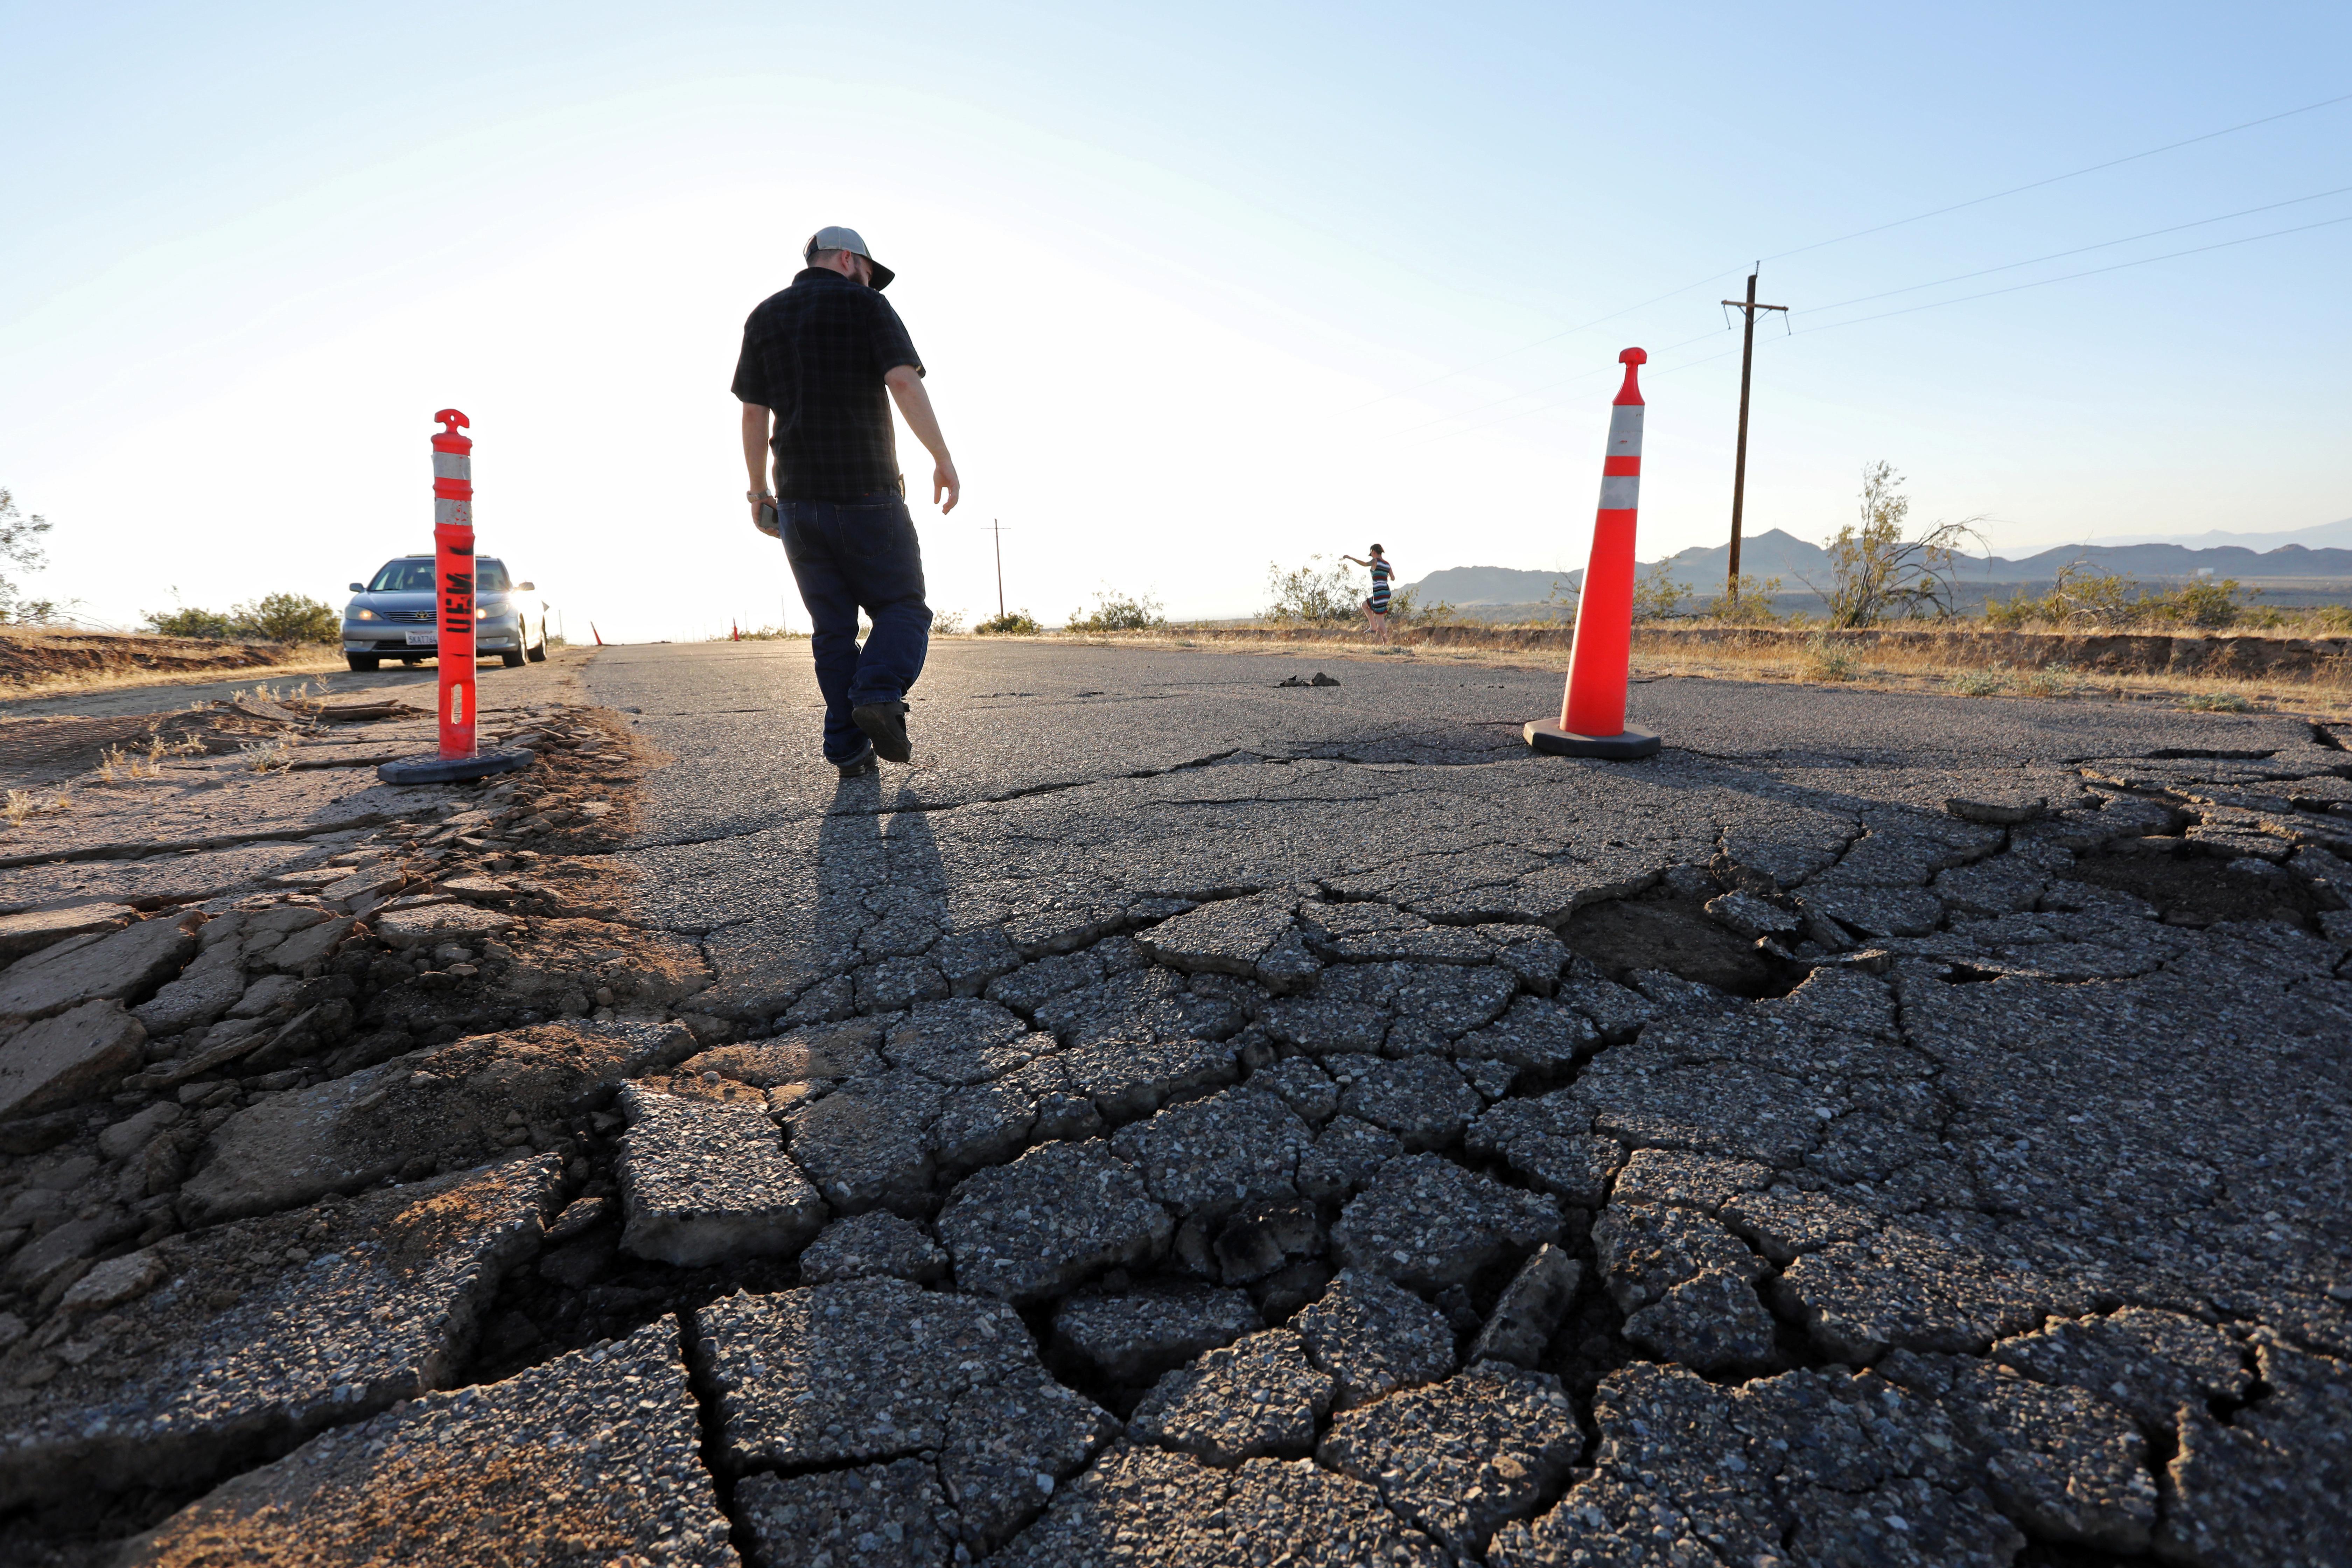 Des communautés ébranlées font le bilan des dégâts causés par le séisme dans le sud de la Californie